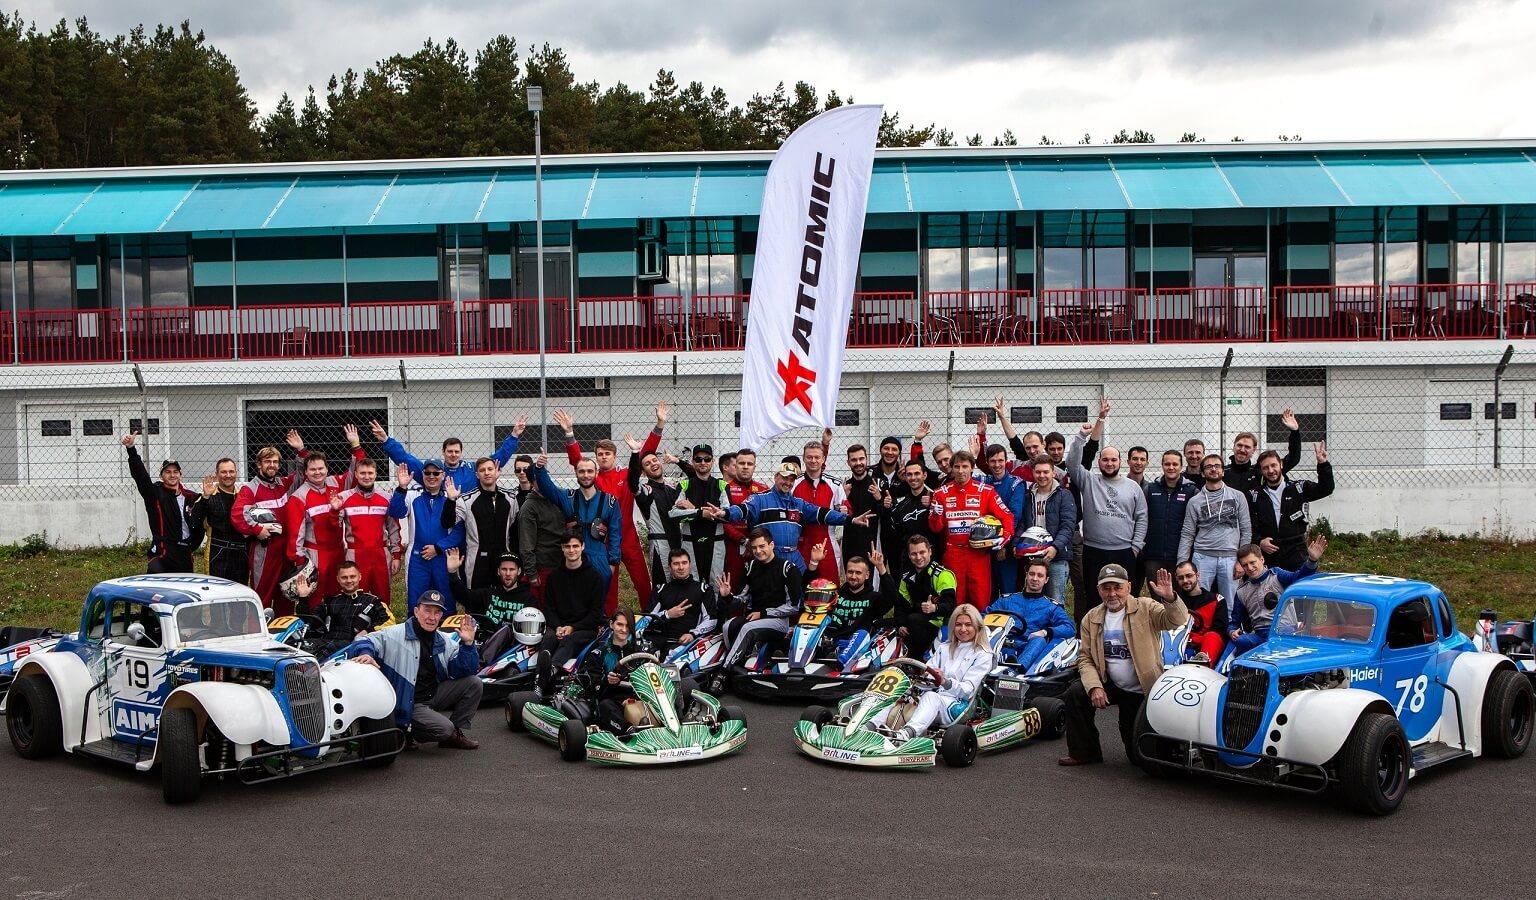 27 июня / 2-й этап AMKC на ADM Raceway